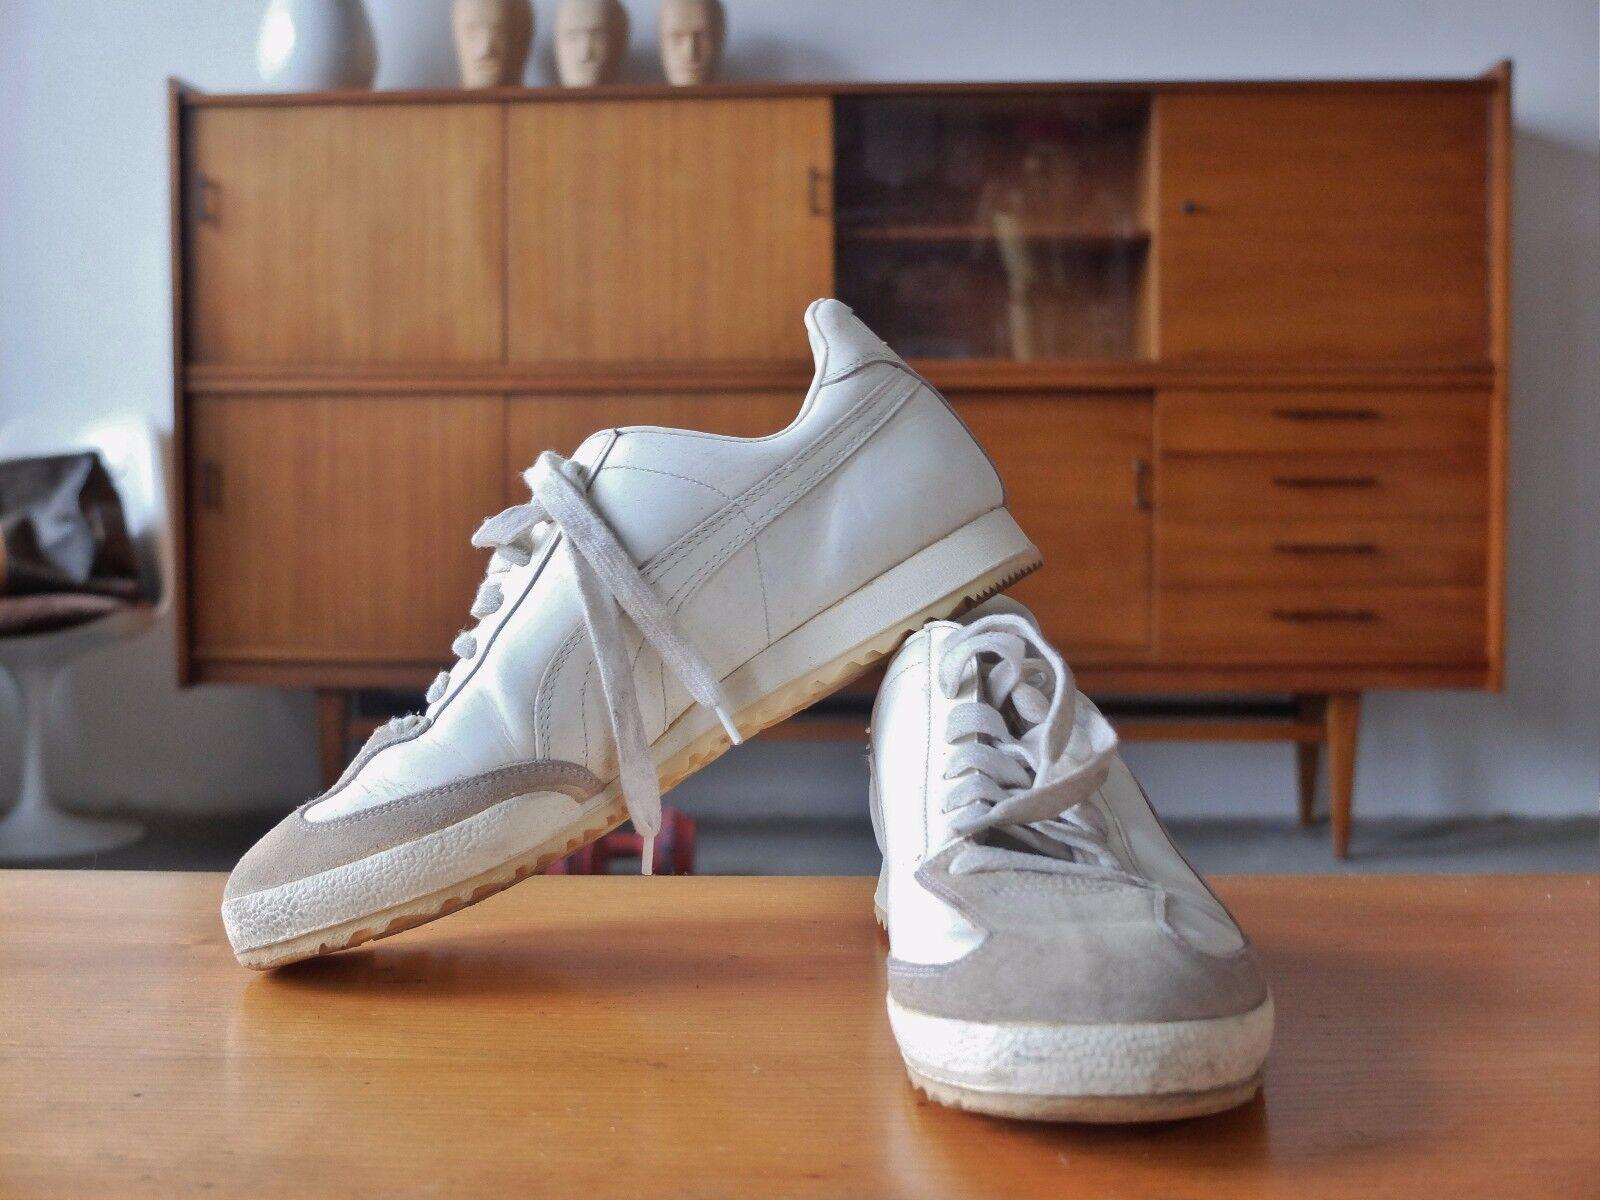 online store d5401 4de08 ... PUMA PUMA PUMA Calzini Da Tennis uk8, 5 80s Scarpe da ginnastica scarpe  Taglia 42 ...